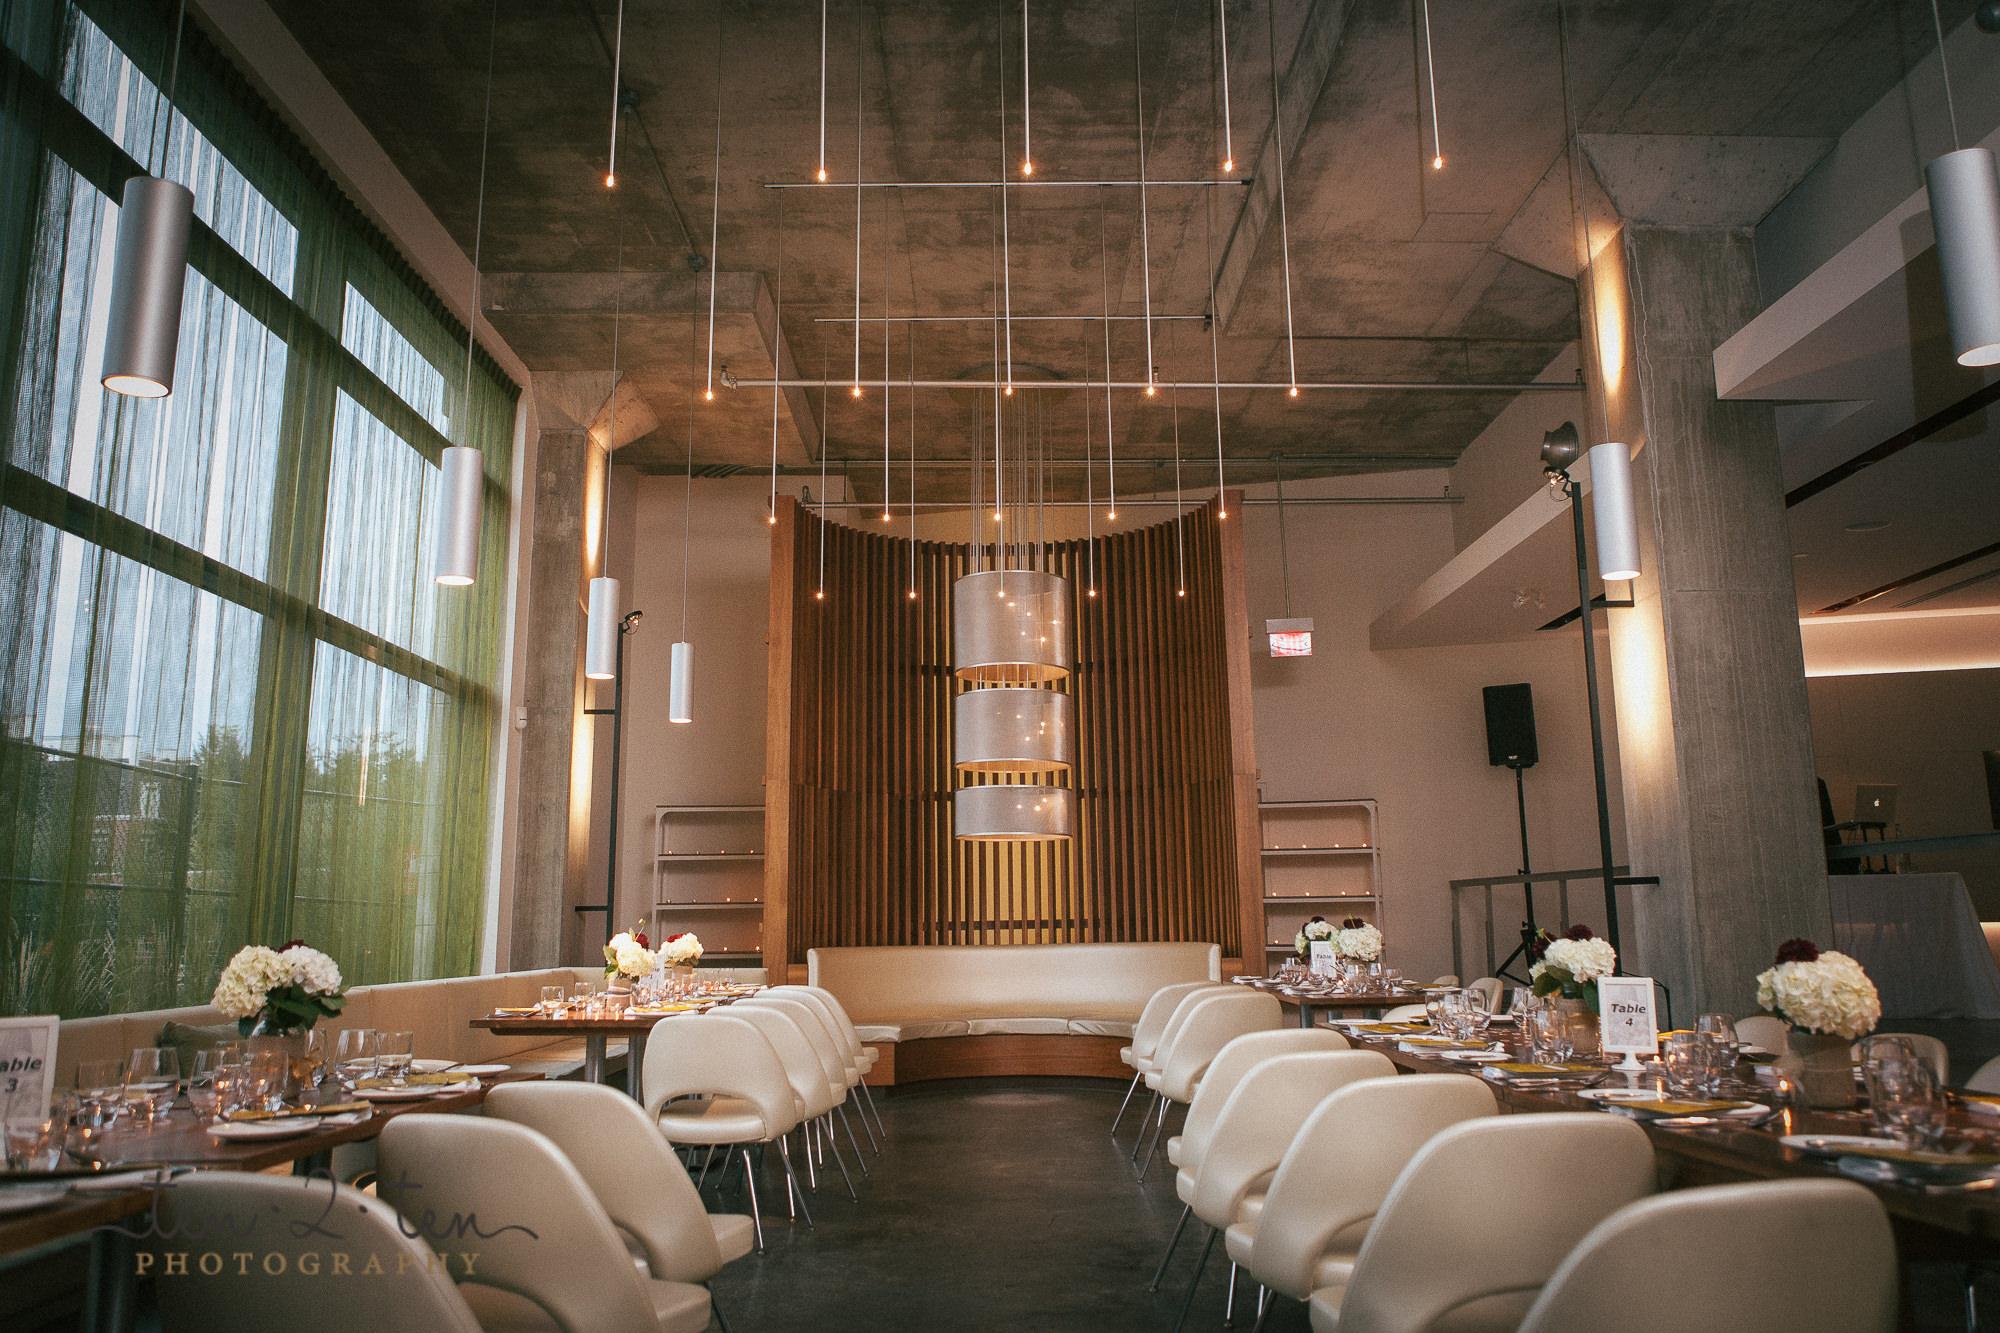 mildreds temple kitchen wedding photos 319 - Mildred's Temple Kitchen Wedding Photos